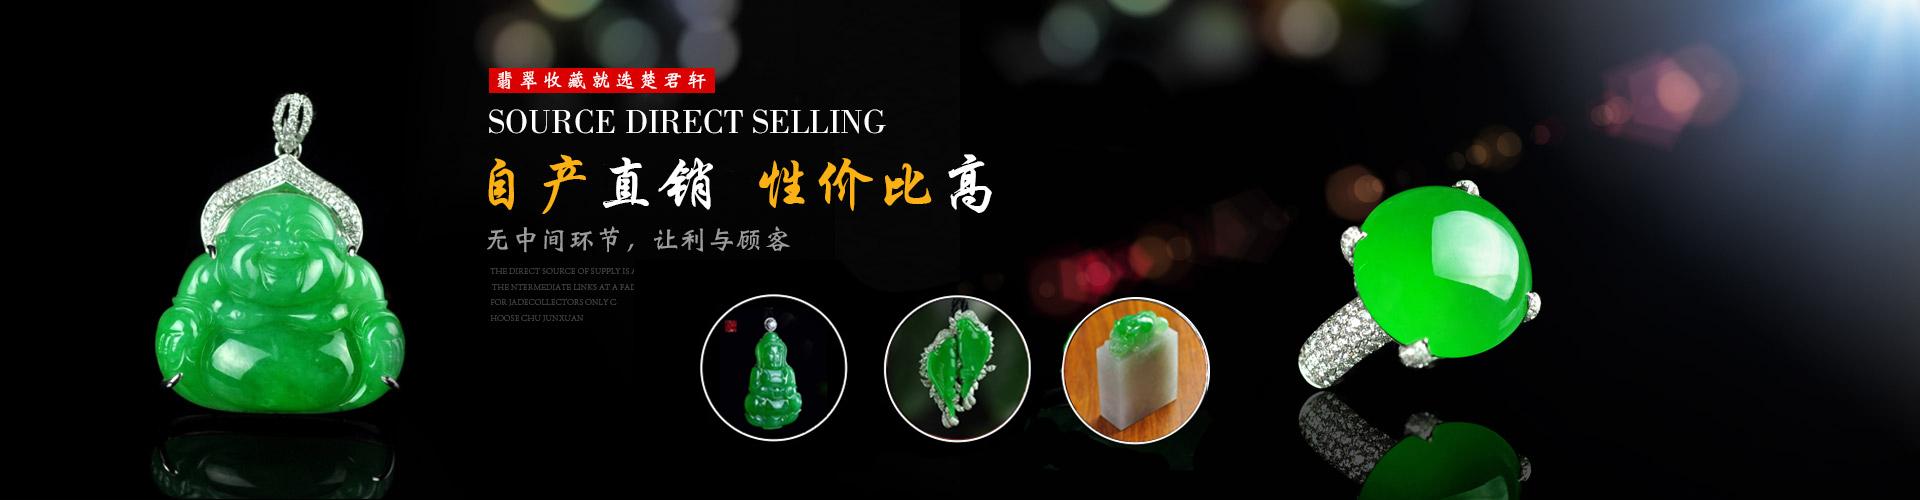 北京翡翠挂件